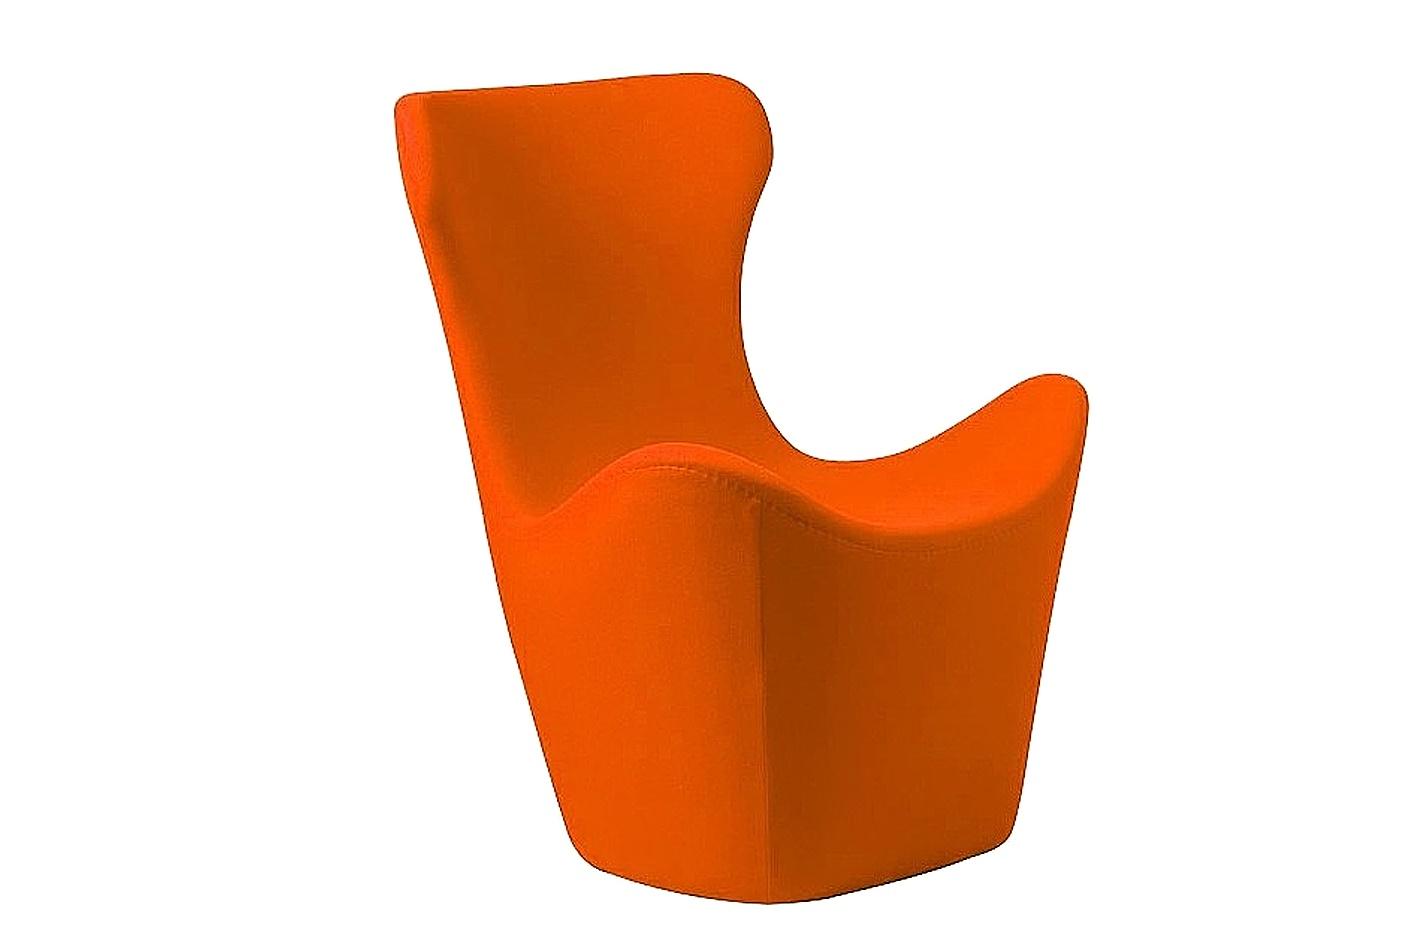 Кресло Papilio Lounge ChairИнтерьерные кресла<br>Сочетание необычного дизайна, комфортного мягкого кашемира и насыщенного оранжевого цвета. Это кресло для отдыха &amp;quot;PAPILIO LOUNGE CHAIR&amp;quot;, модель японского дизайнера Наото Фукасава, которая станет ярким акцентом современного интерьера. В нем будет так тепло зимой и прохладно летом. Эргономичная высокая спинка с подголовником обеспечит полную релаксацию. Идеальный союз – с оттоманкой для ног от того же мастера.<br><br>Material: Кашемир<br>Ширина см: 82<br>Высота см: 103